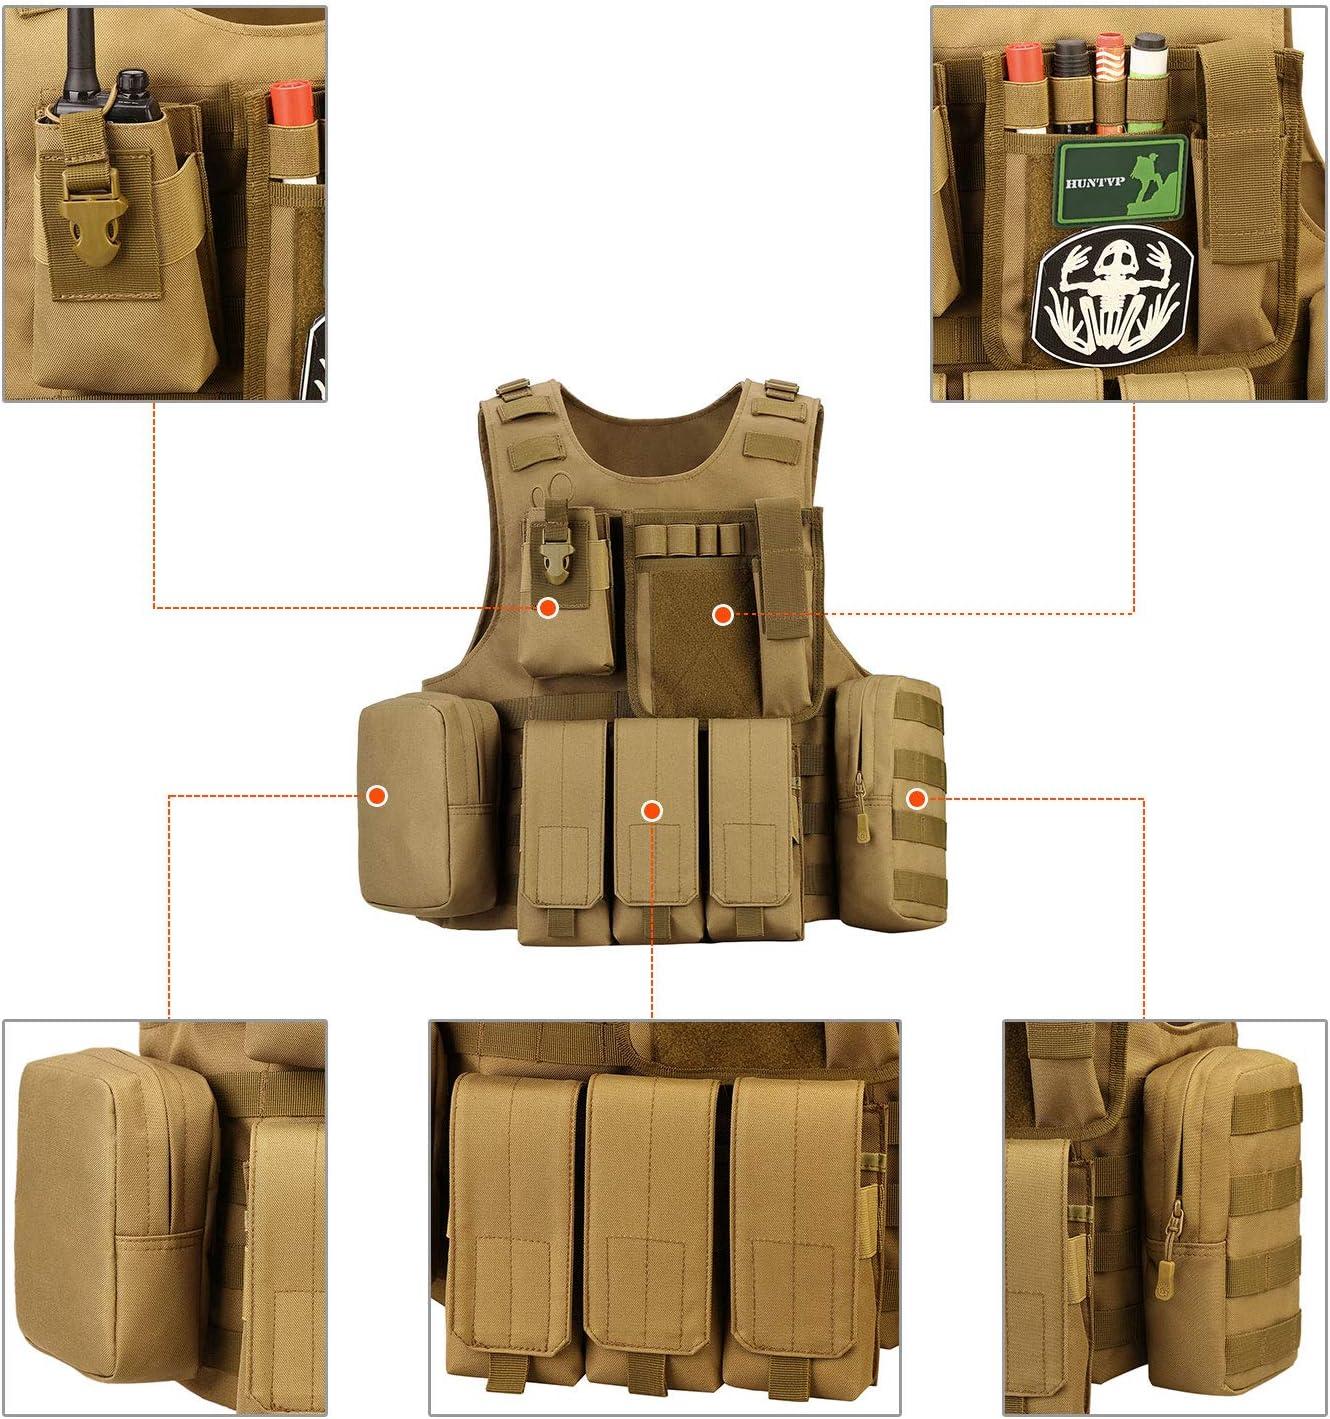 Huntvp Gilet Tactique Arm/ée Militaire Gilet Molle Airsoft Gilet pour Hommes Femmes Camping Randonn/ée Chasse /À Lext/érieur